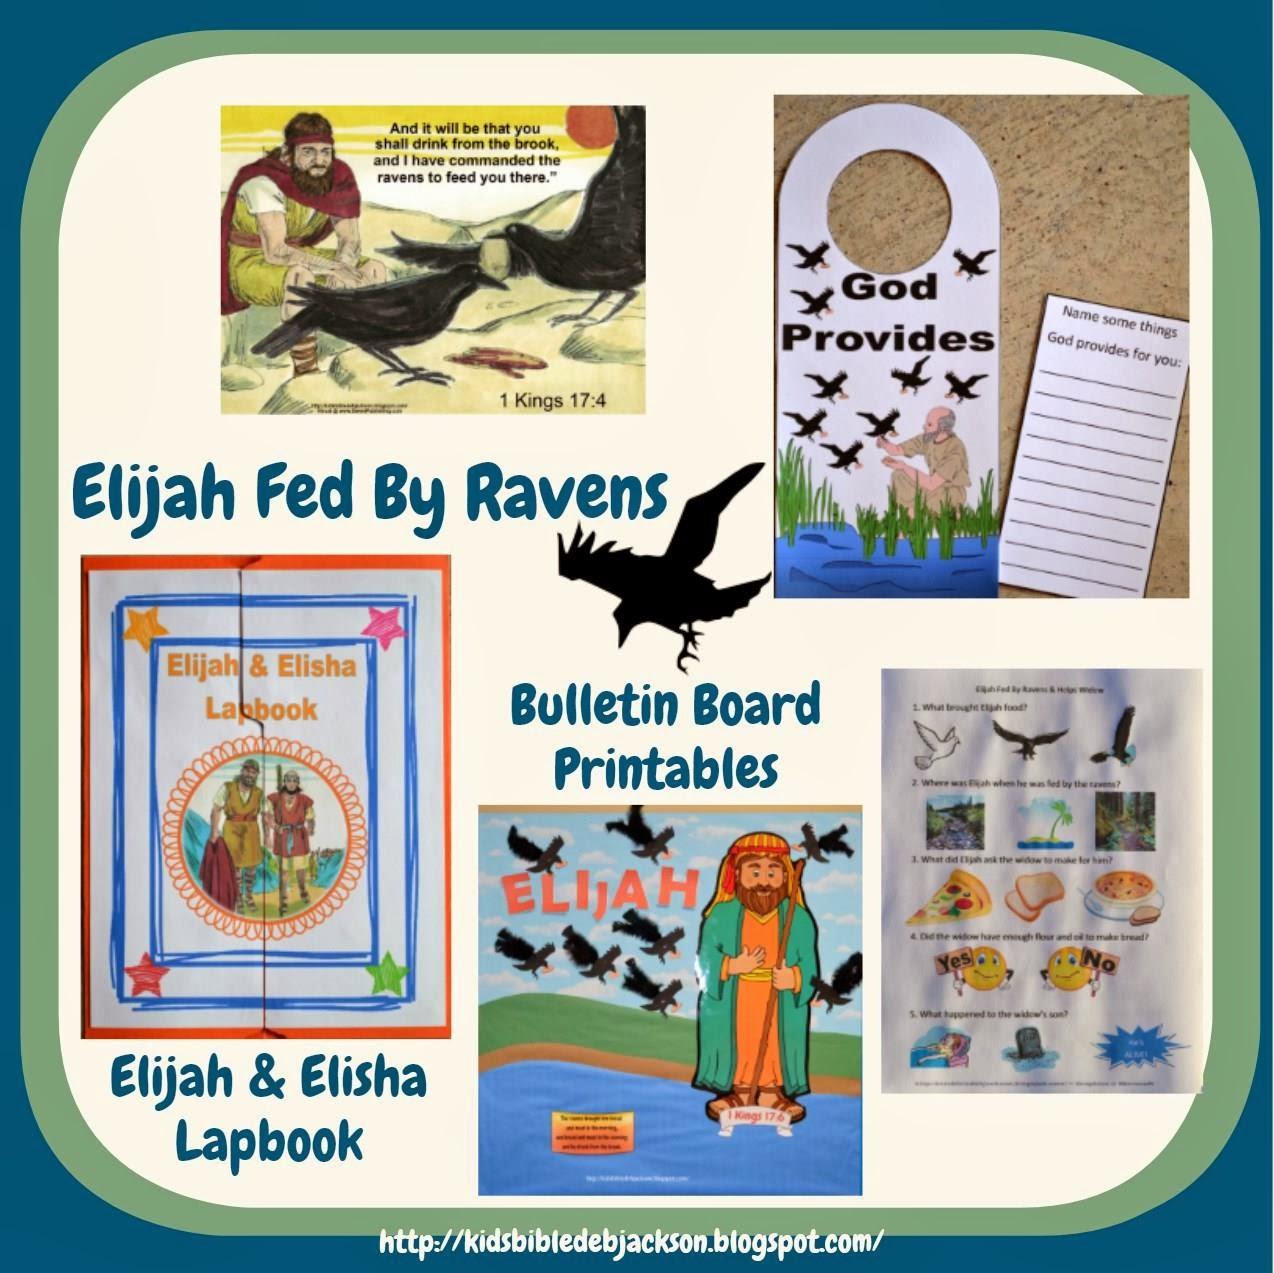 http://www.biblefunforkids.com/2014/03/elijah-fed-by-ravens.html